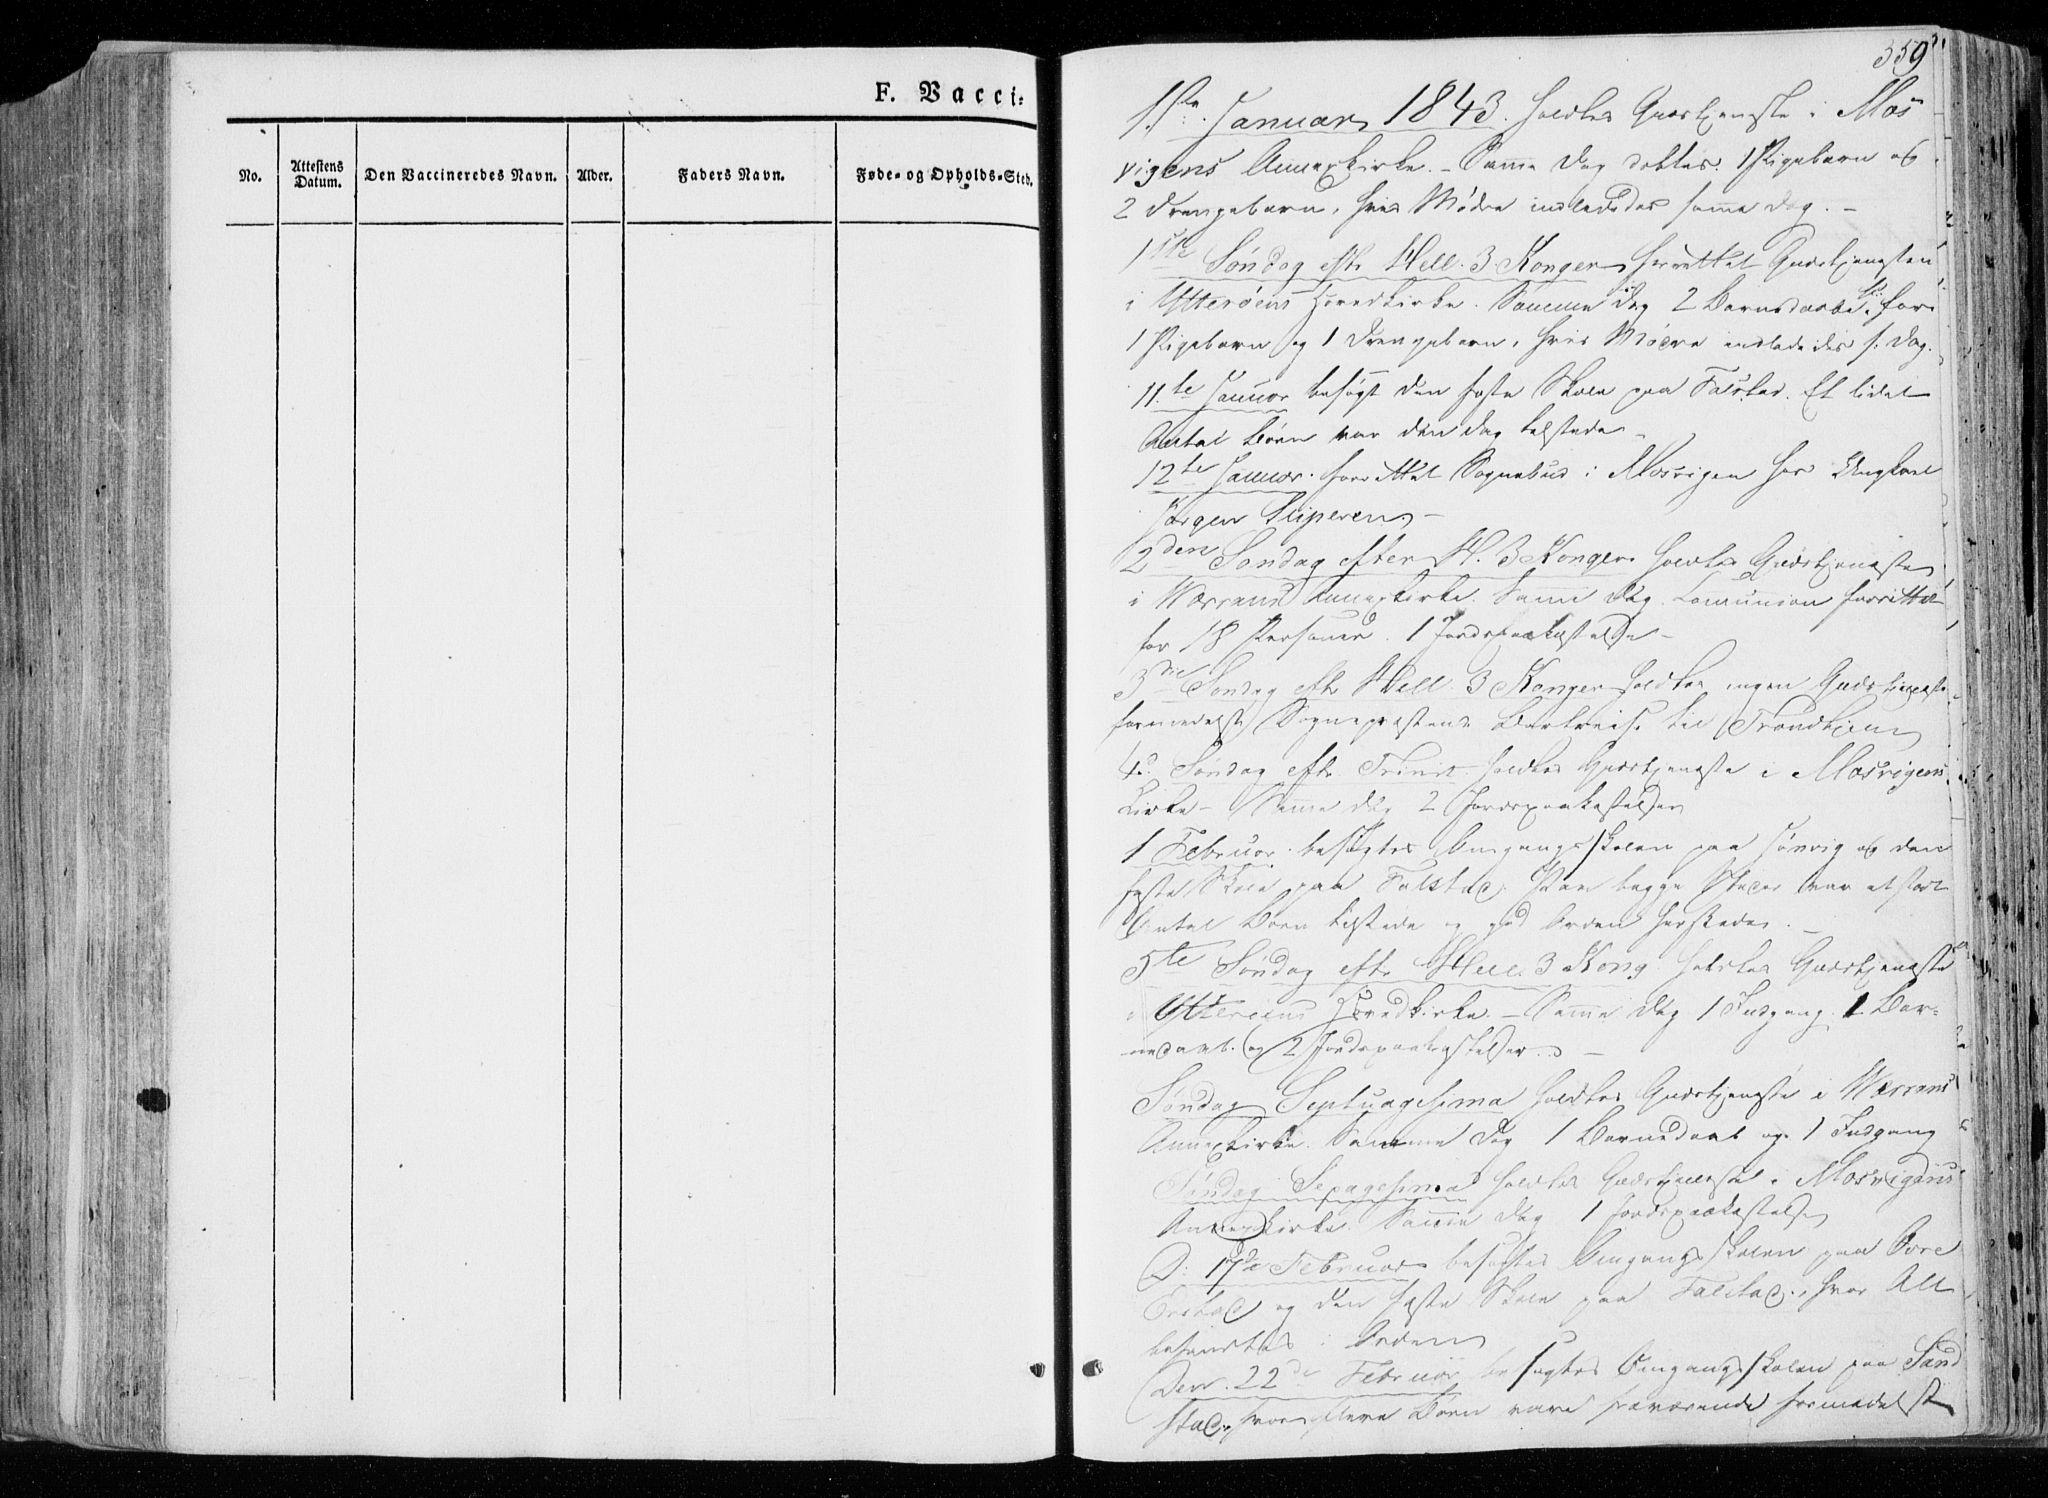 SAT, Ministerialprotokoller, klokkerbøker og fødselsregistre - Nord-Trøndelag, 722/L0218: Ministerialbok nr. 722A05, 1843-1868, s. 359